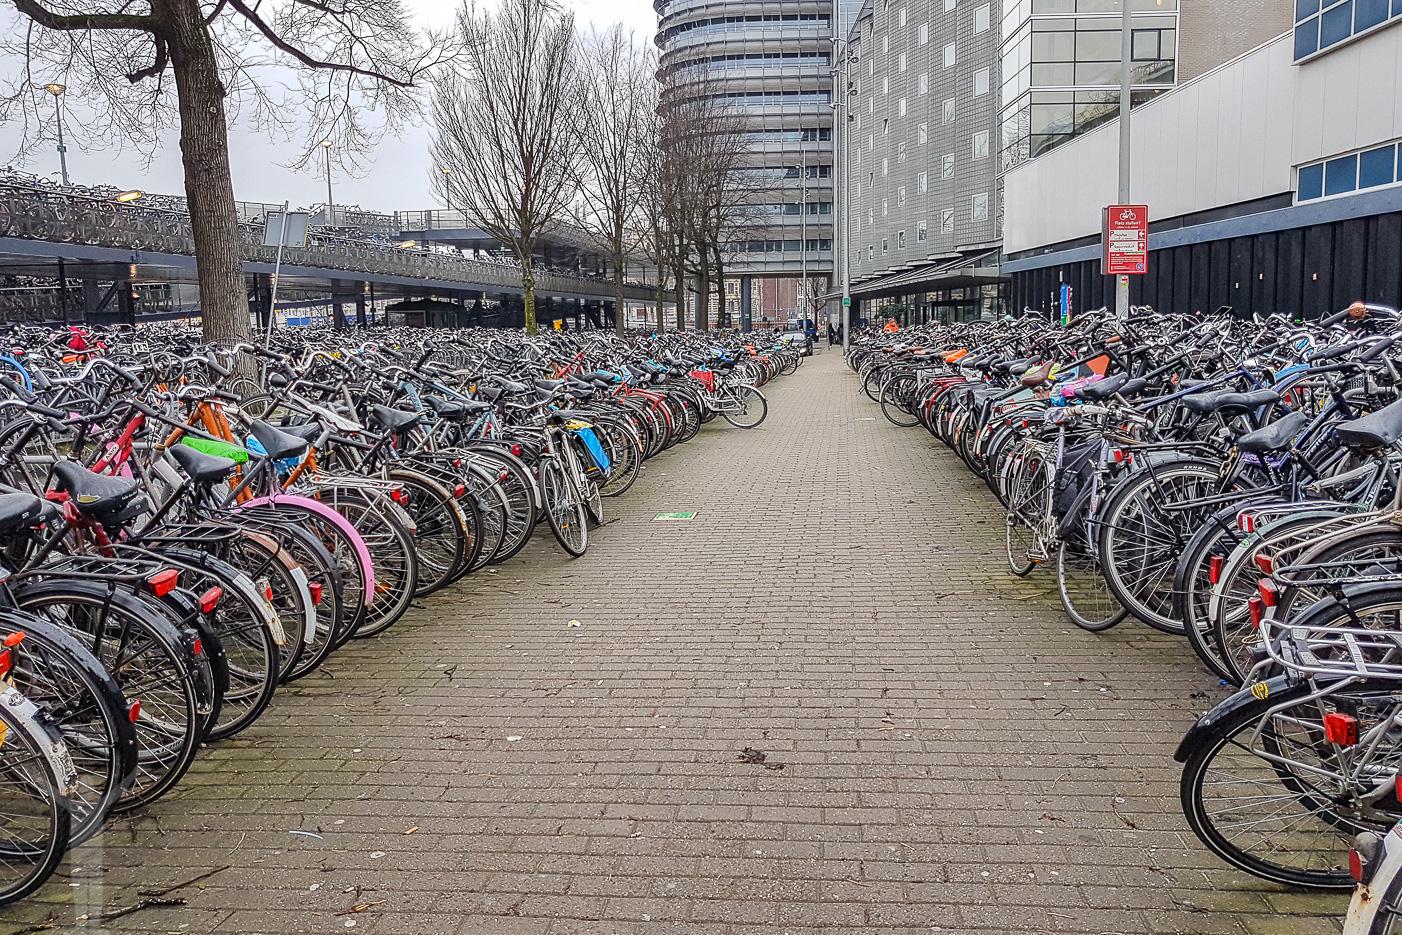 Hyr en cykel i Amsterdam